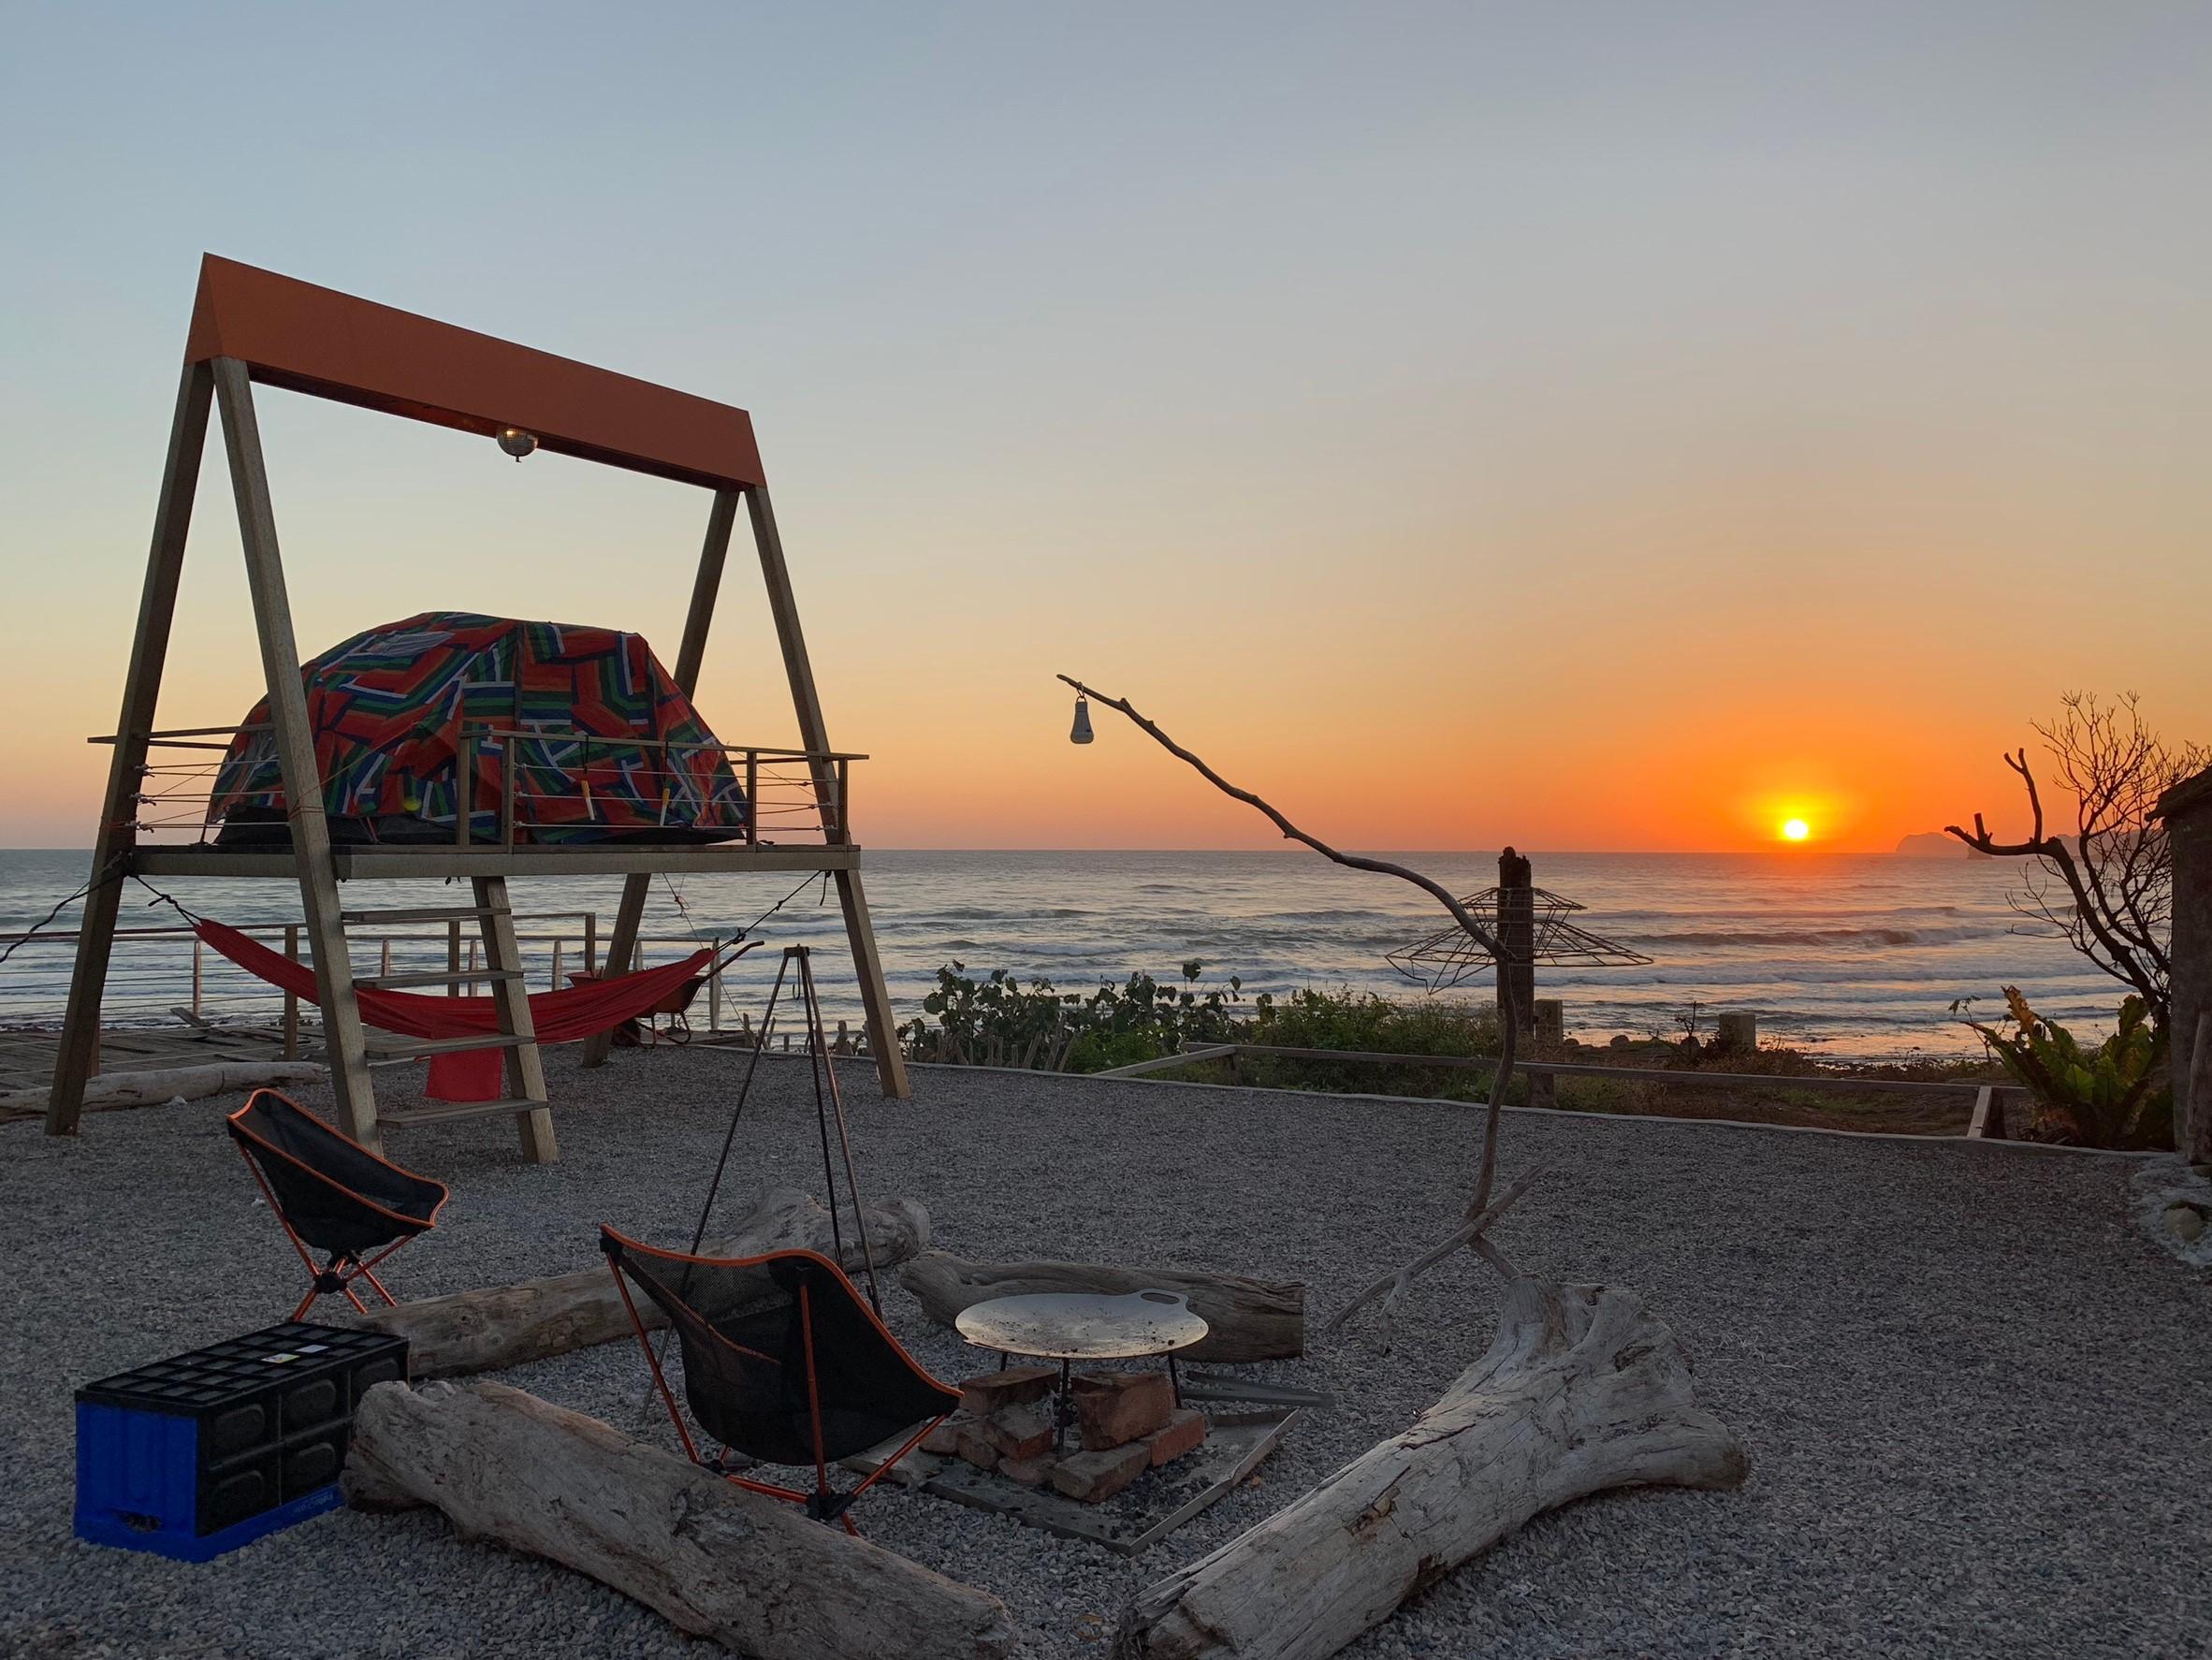 (記得要起早看北台灣海邊的日出,會令你讚嘆不已的!感謝客人提供美照)